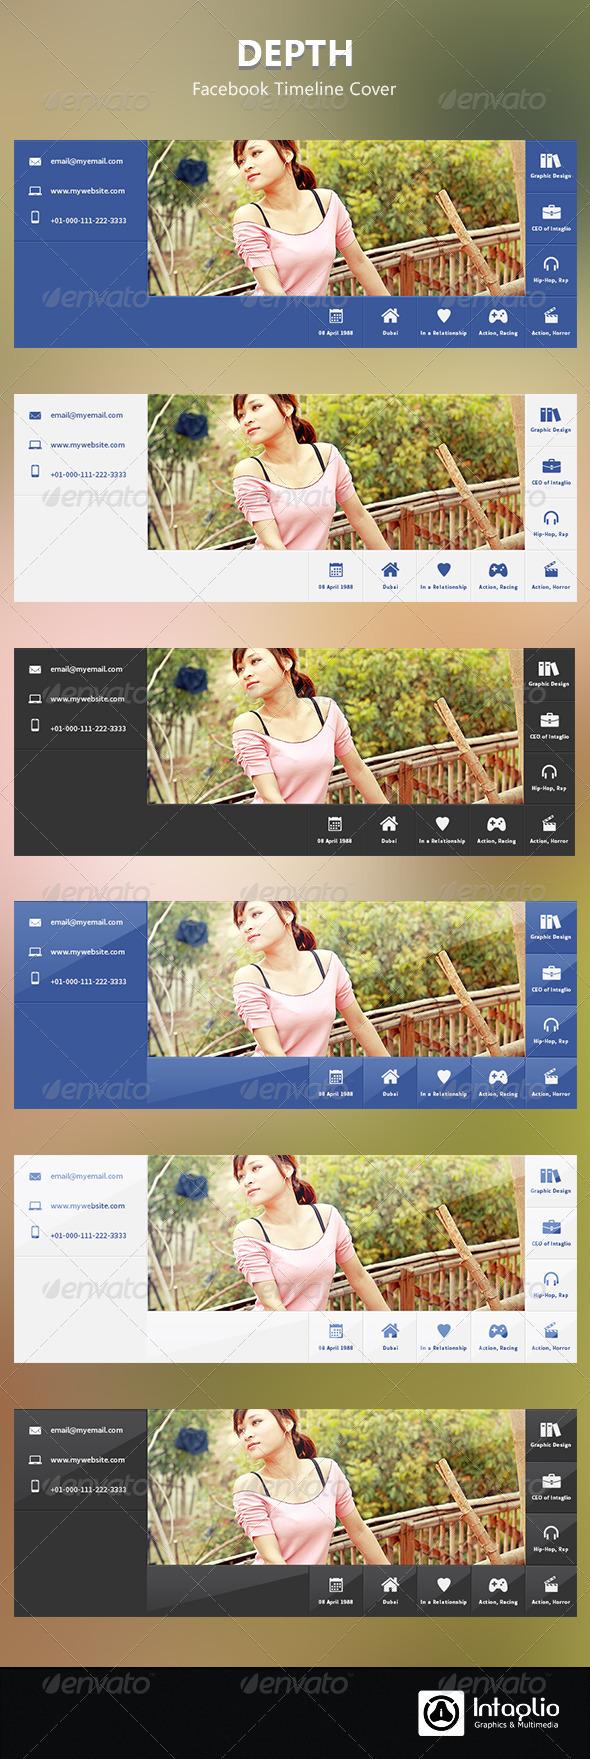 Depth Facebook Timeline Cover - Facebook Timeline Covers Social Media